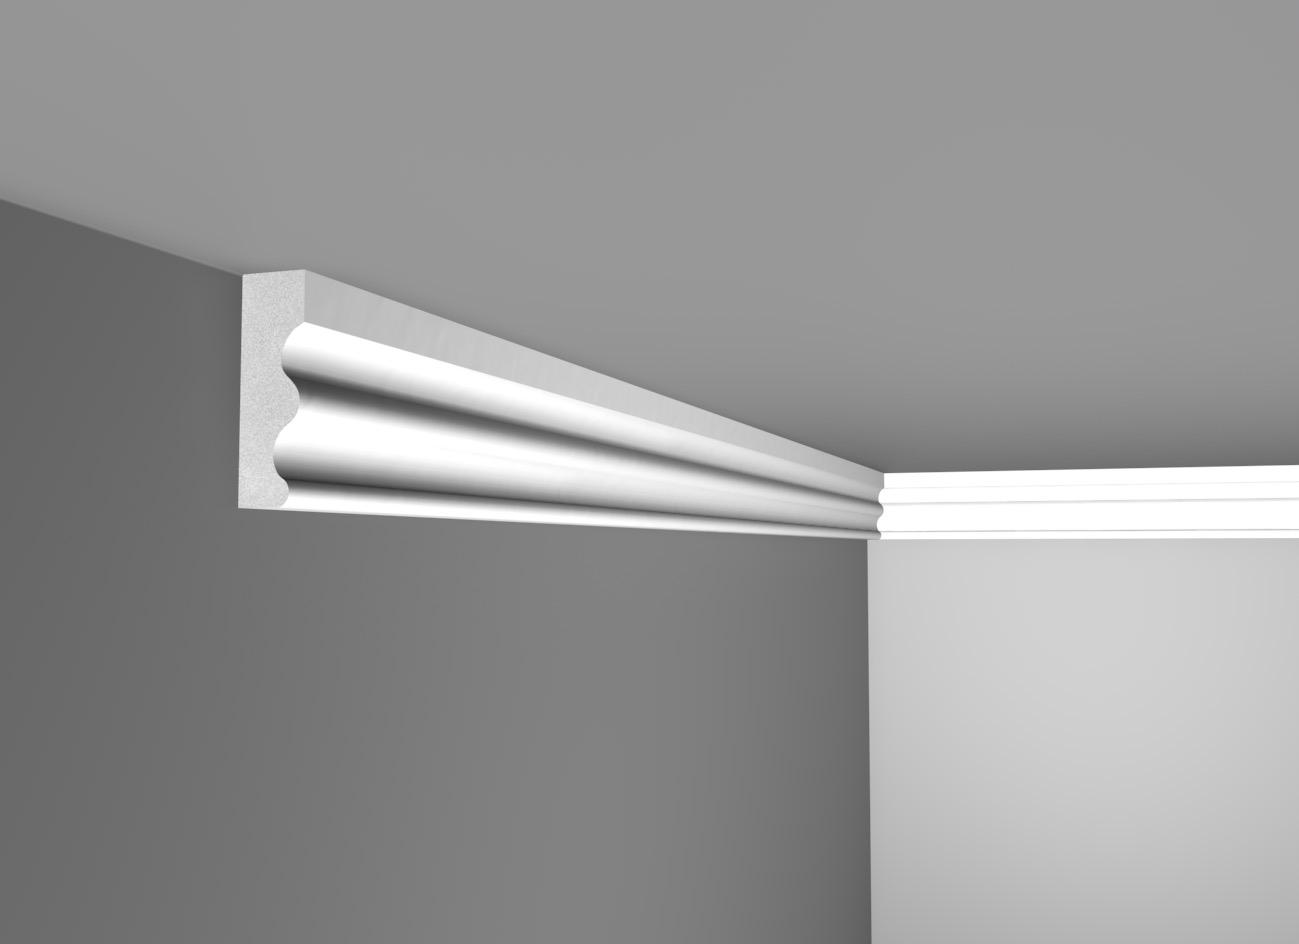 E 70 - Cornice in polistirene gessato bianco - Decorget - Ital Decori - Image 0